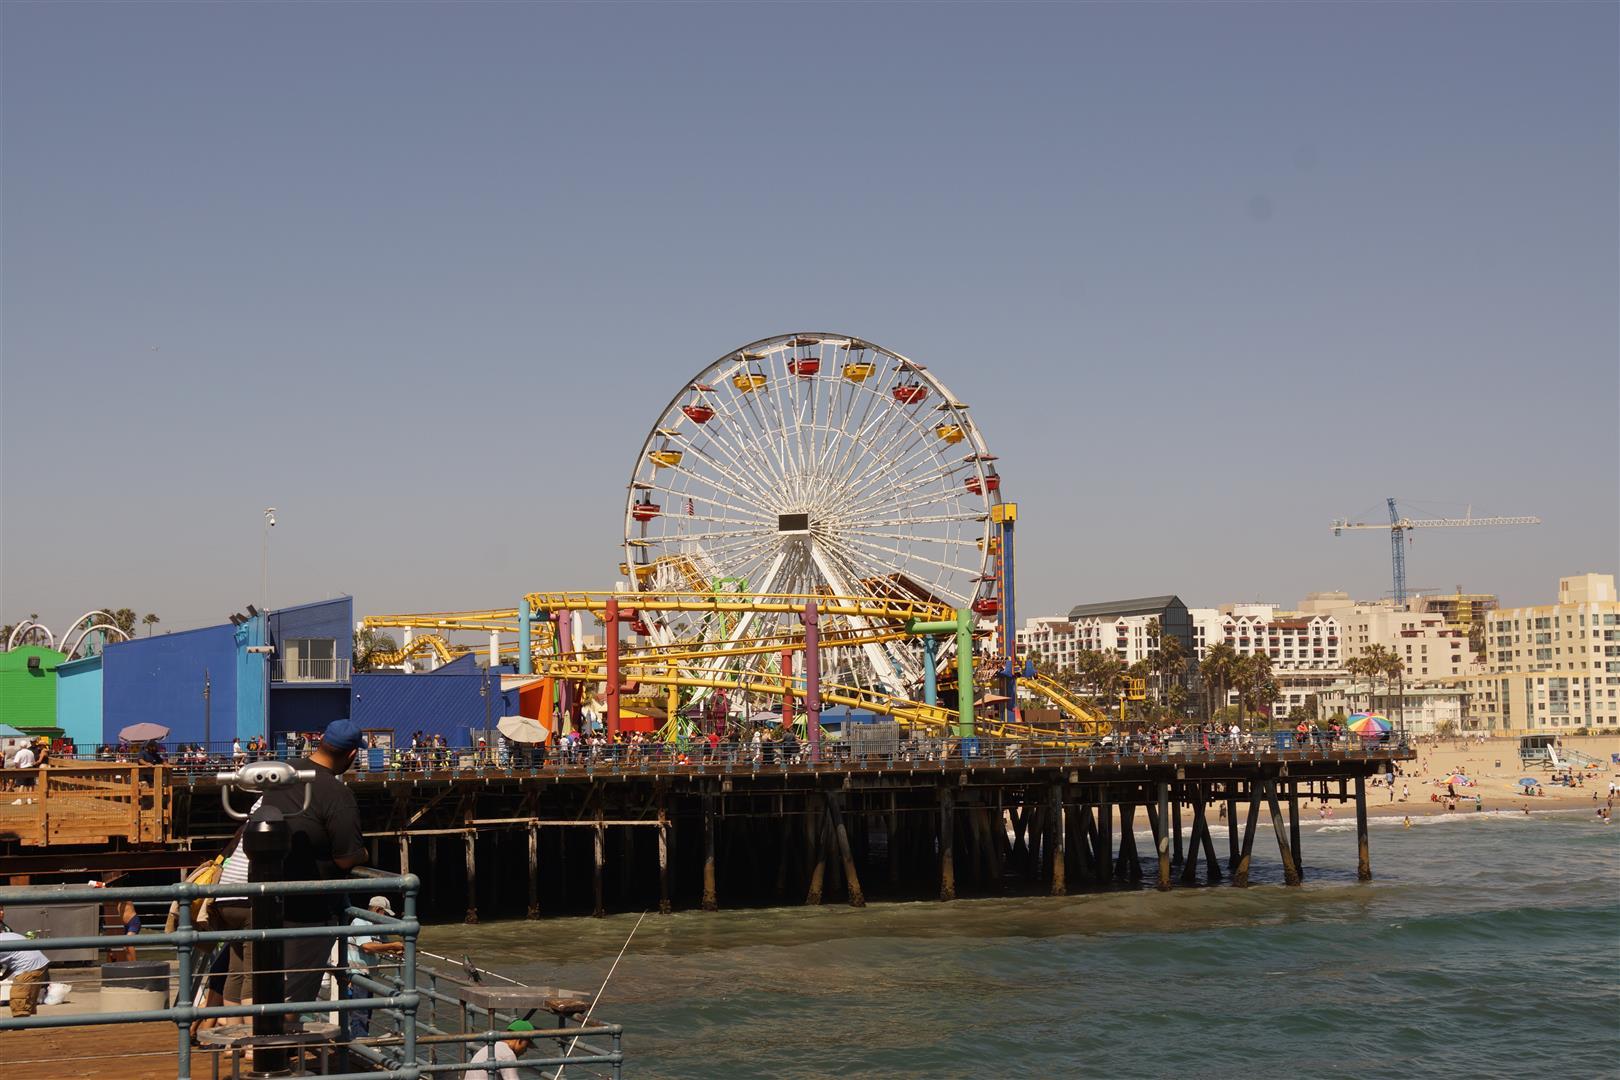 Ohne Riesenrad auf dem Pier können die Amis nicht...